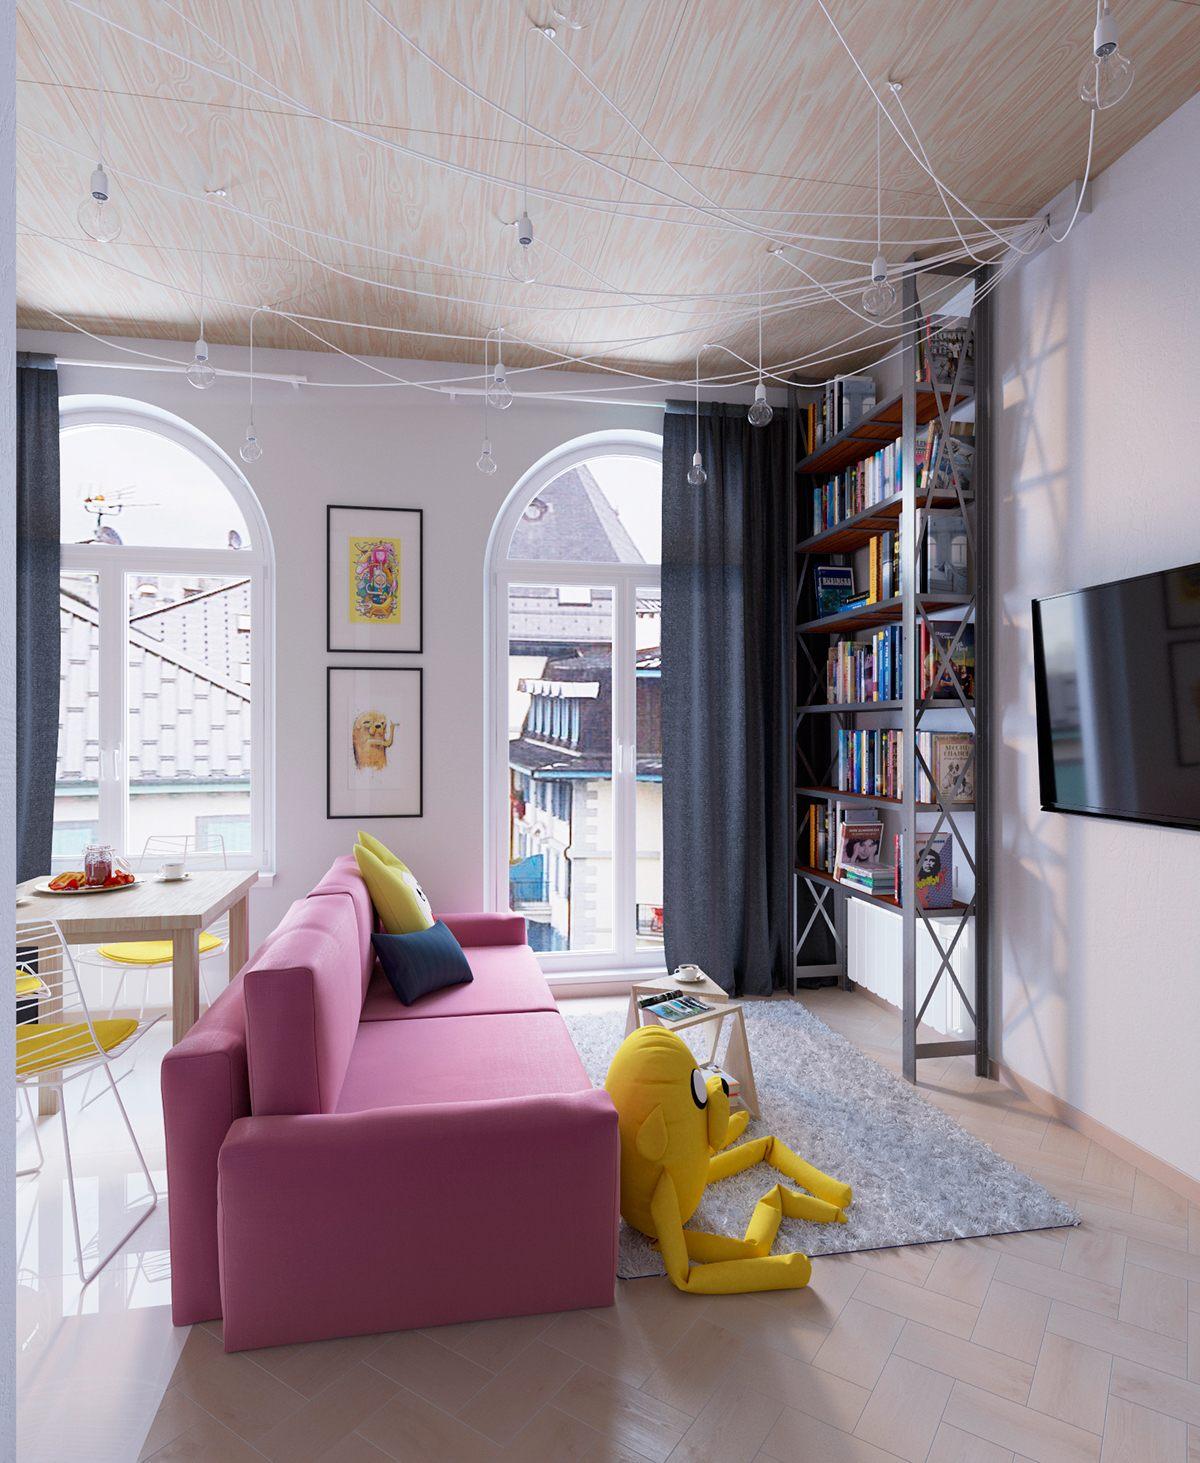 Colorful apartment interior design